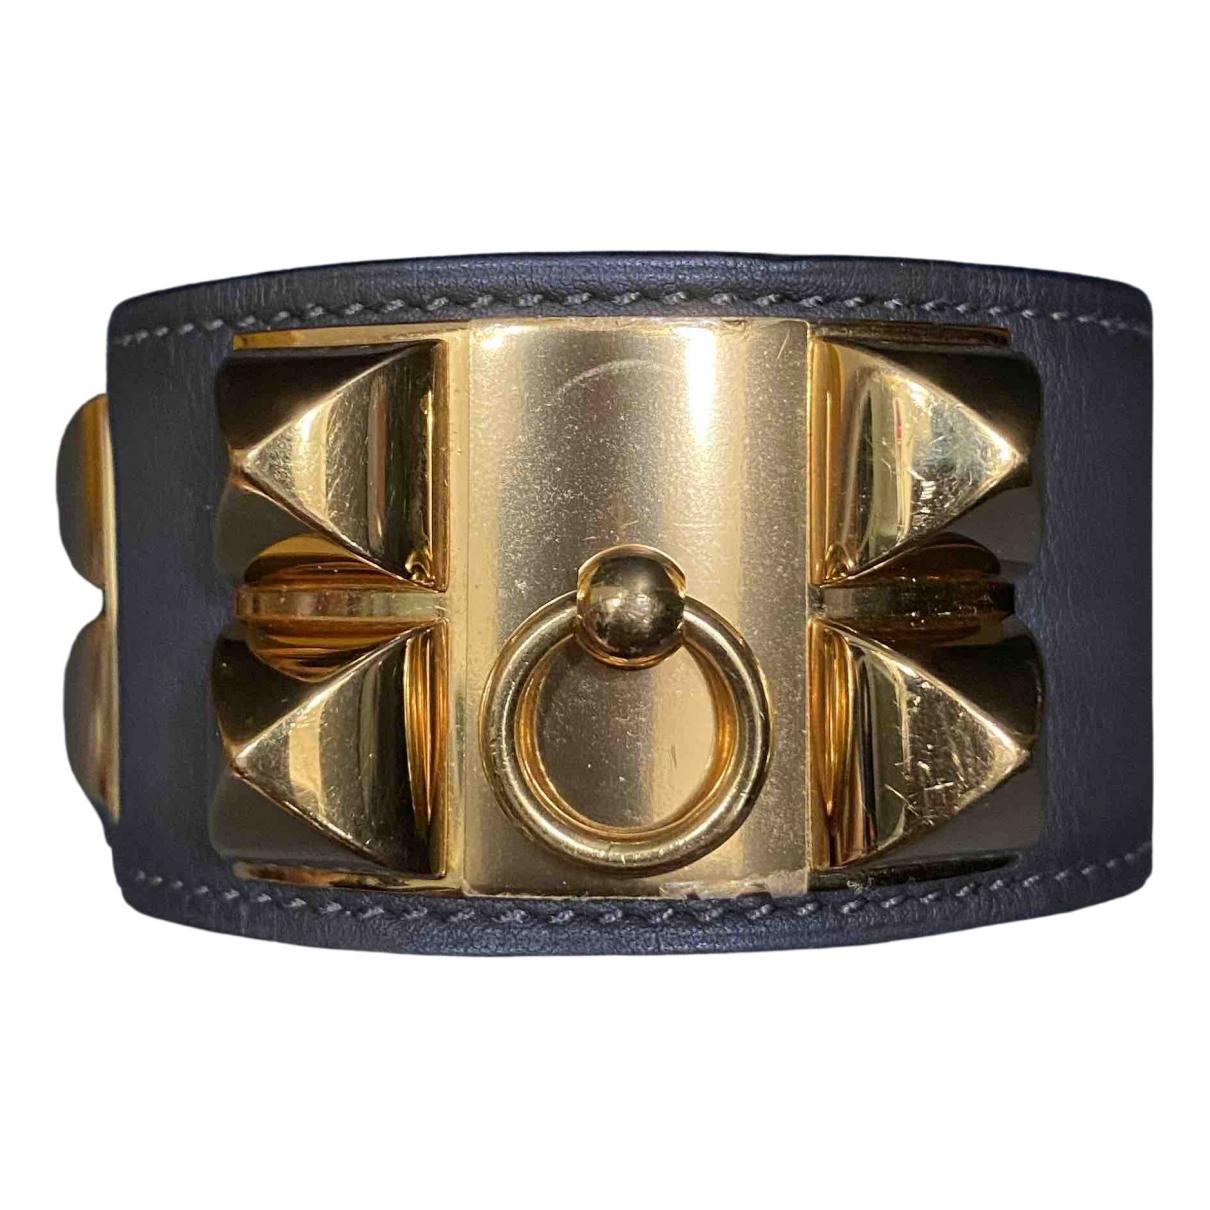 Hermes Collier de chien  Armband in  Grau Gold und Stahl